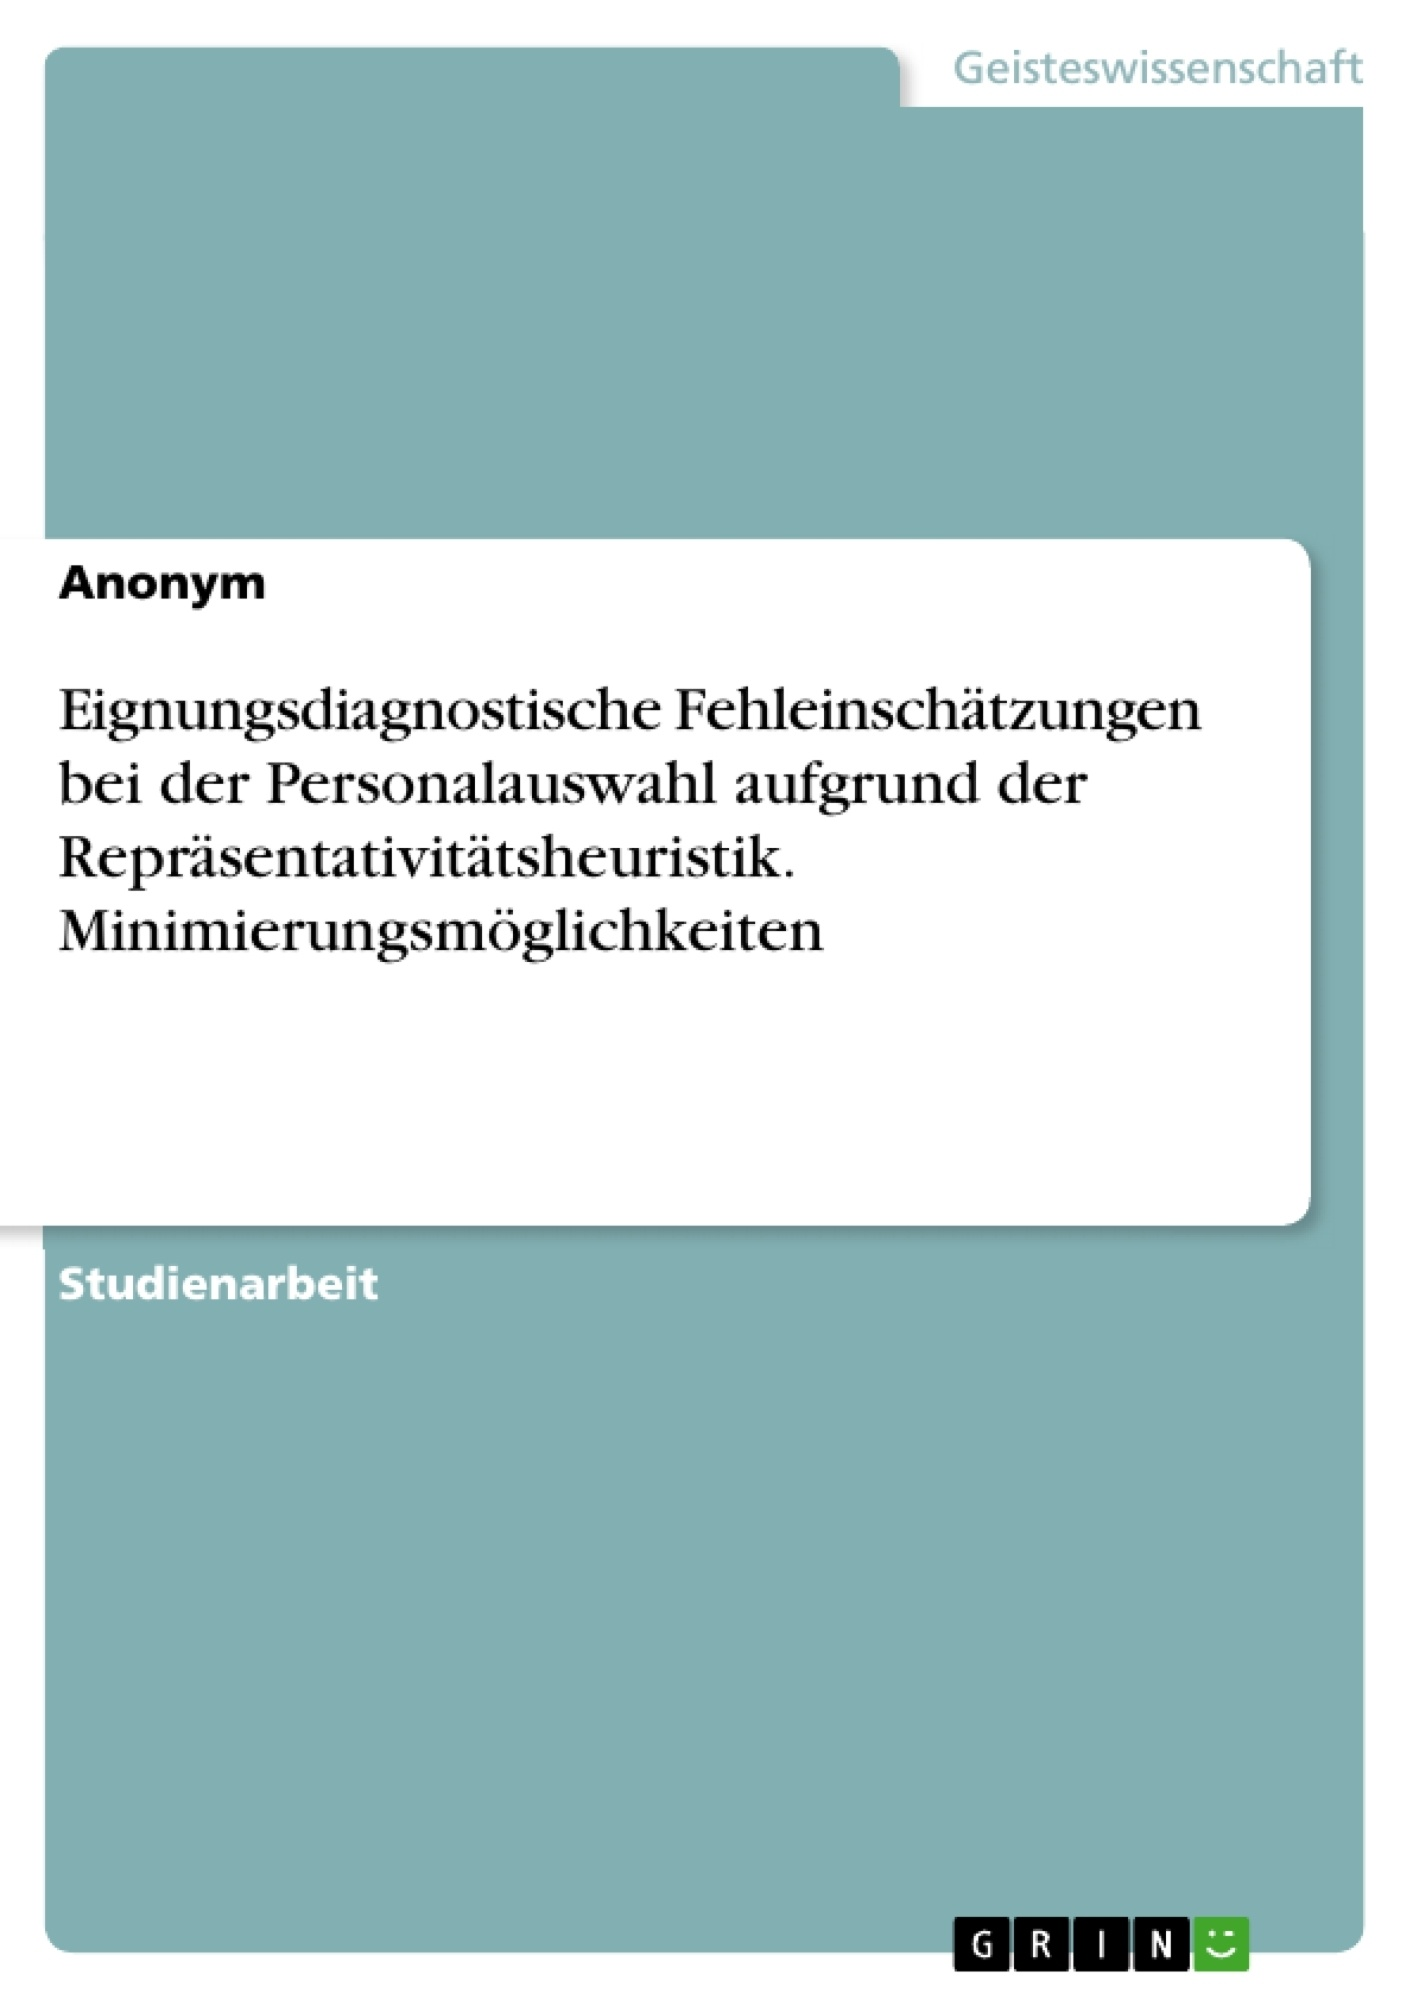 Titel: Eignungsdiagnostische Fehleinschätzungen bei der Personalauswahl aufgrund der Repräsentativitätsheuristik. Minimierungsmöglichkeiten